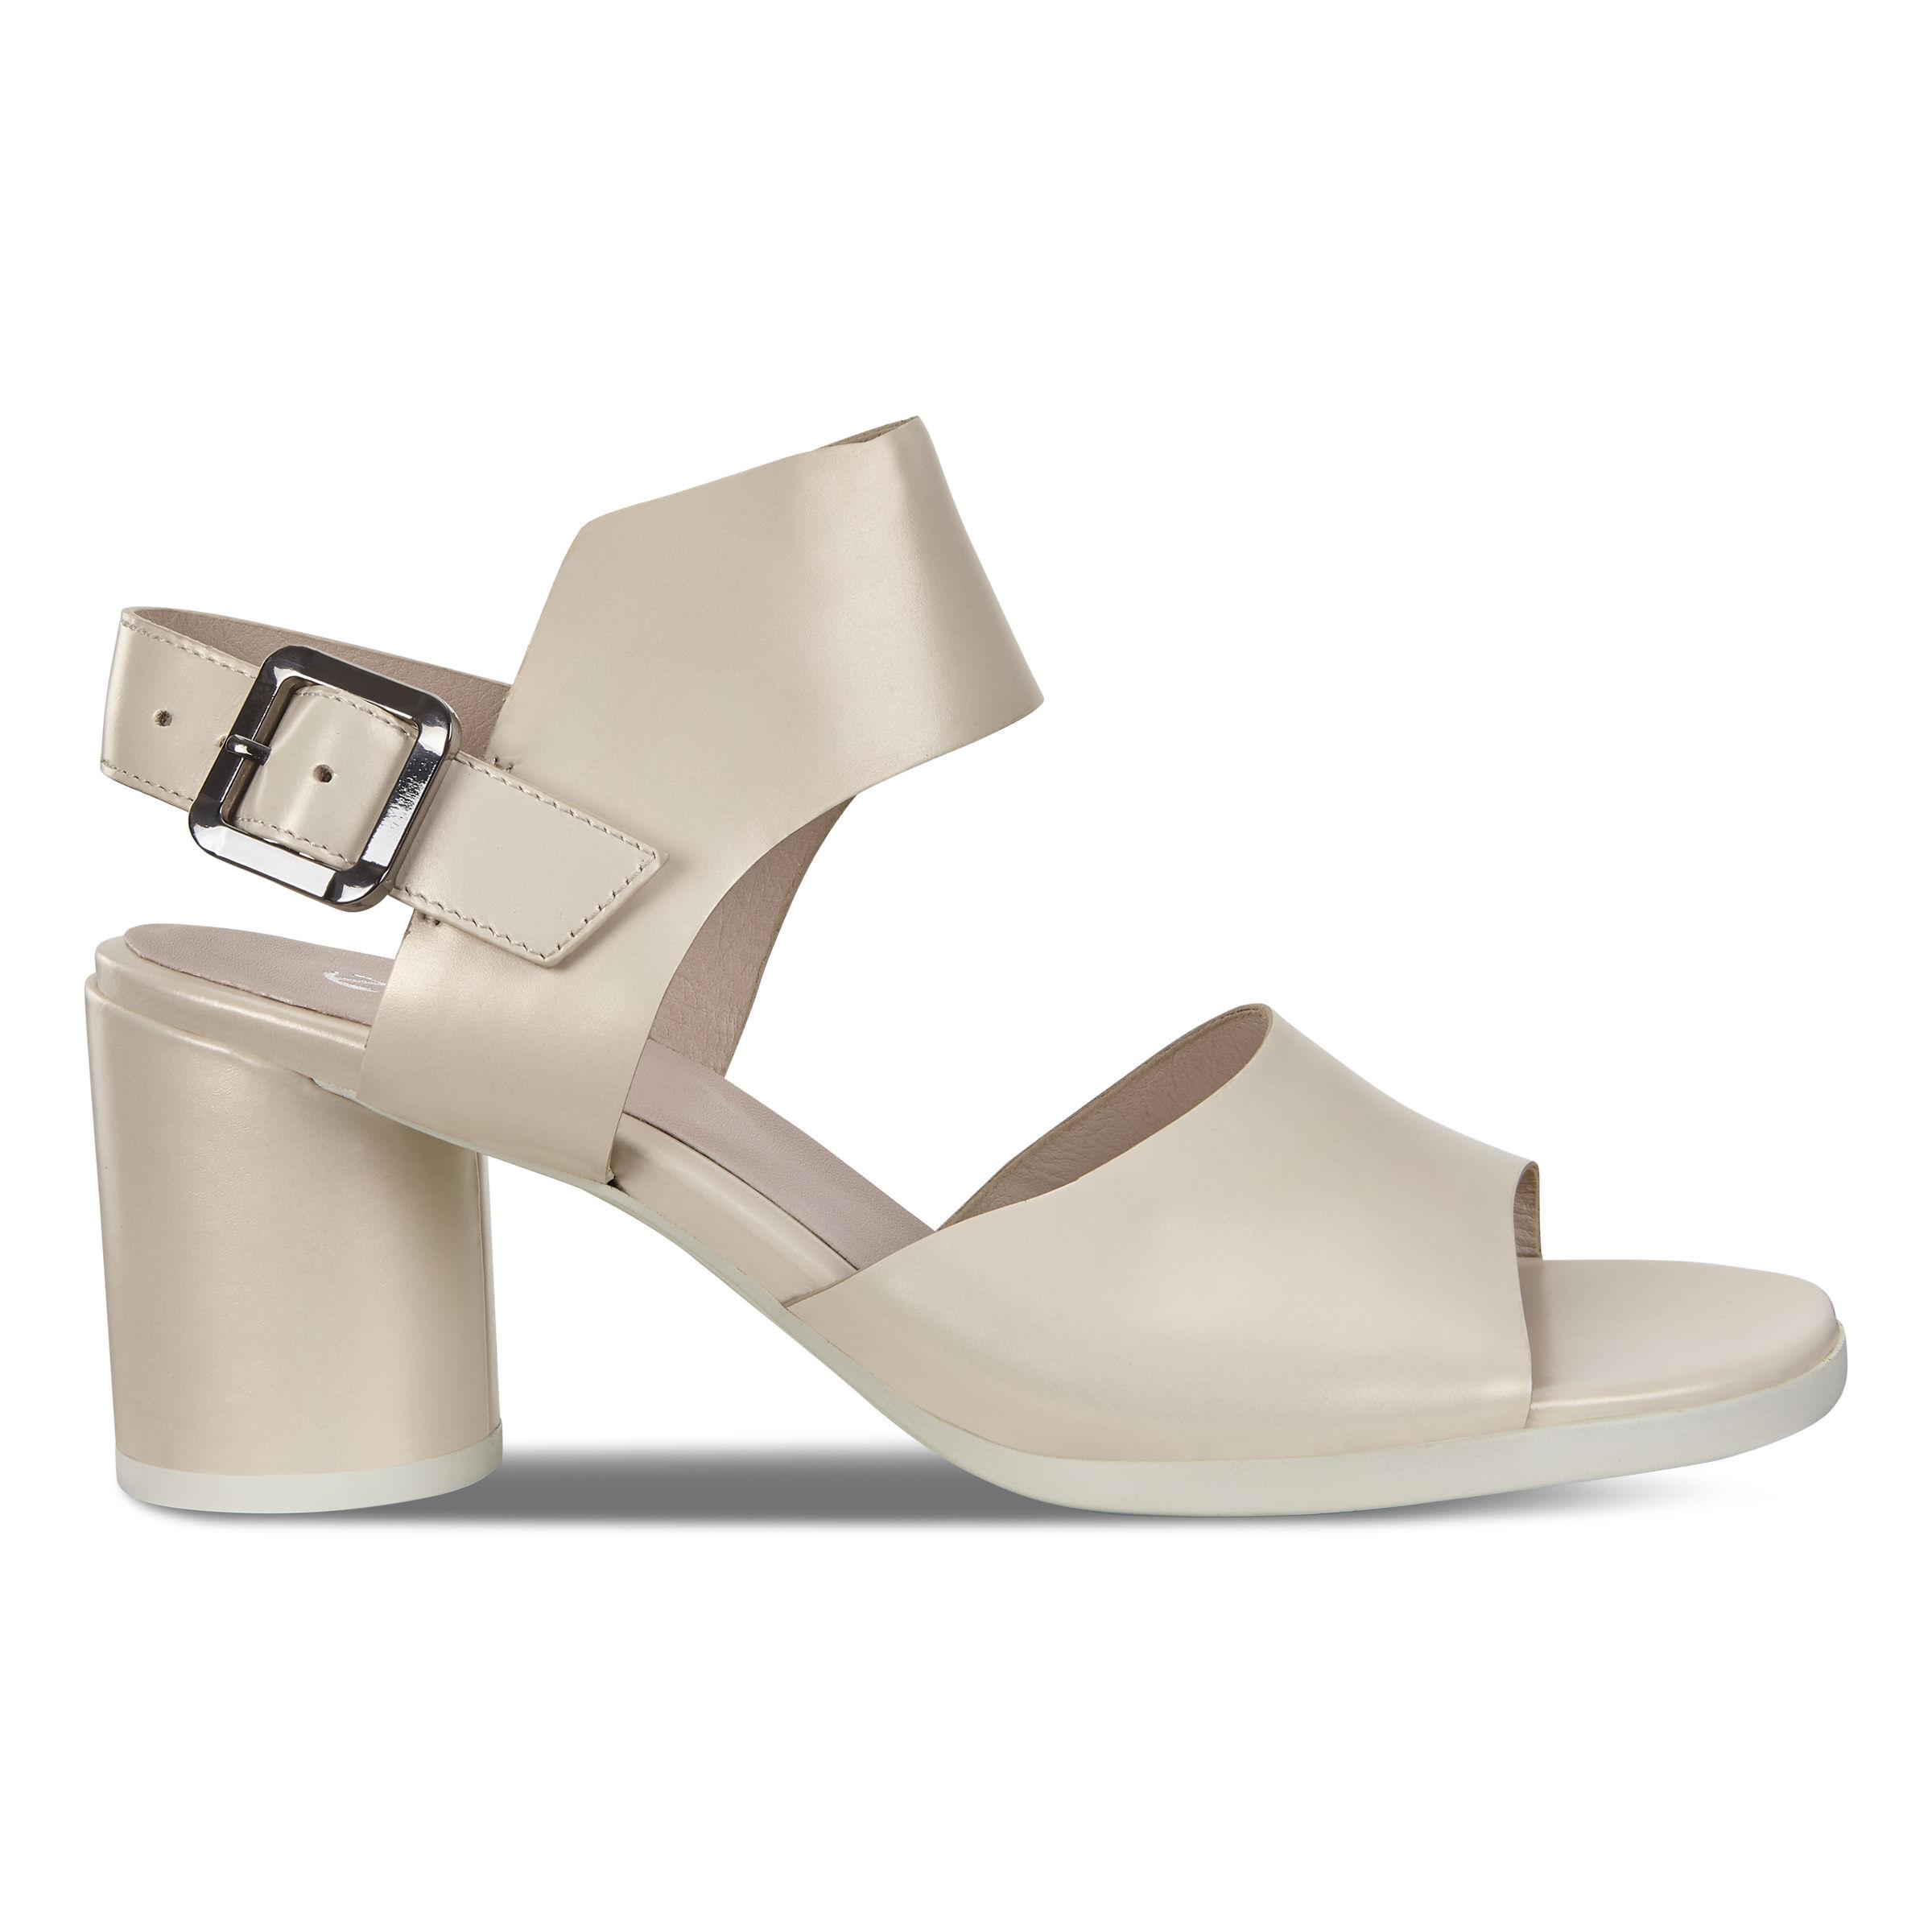 Best Selling ECCO Shape 35 Block Sandals Shoes Wholesale